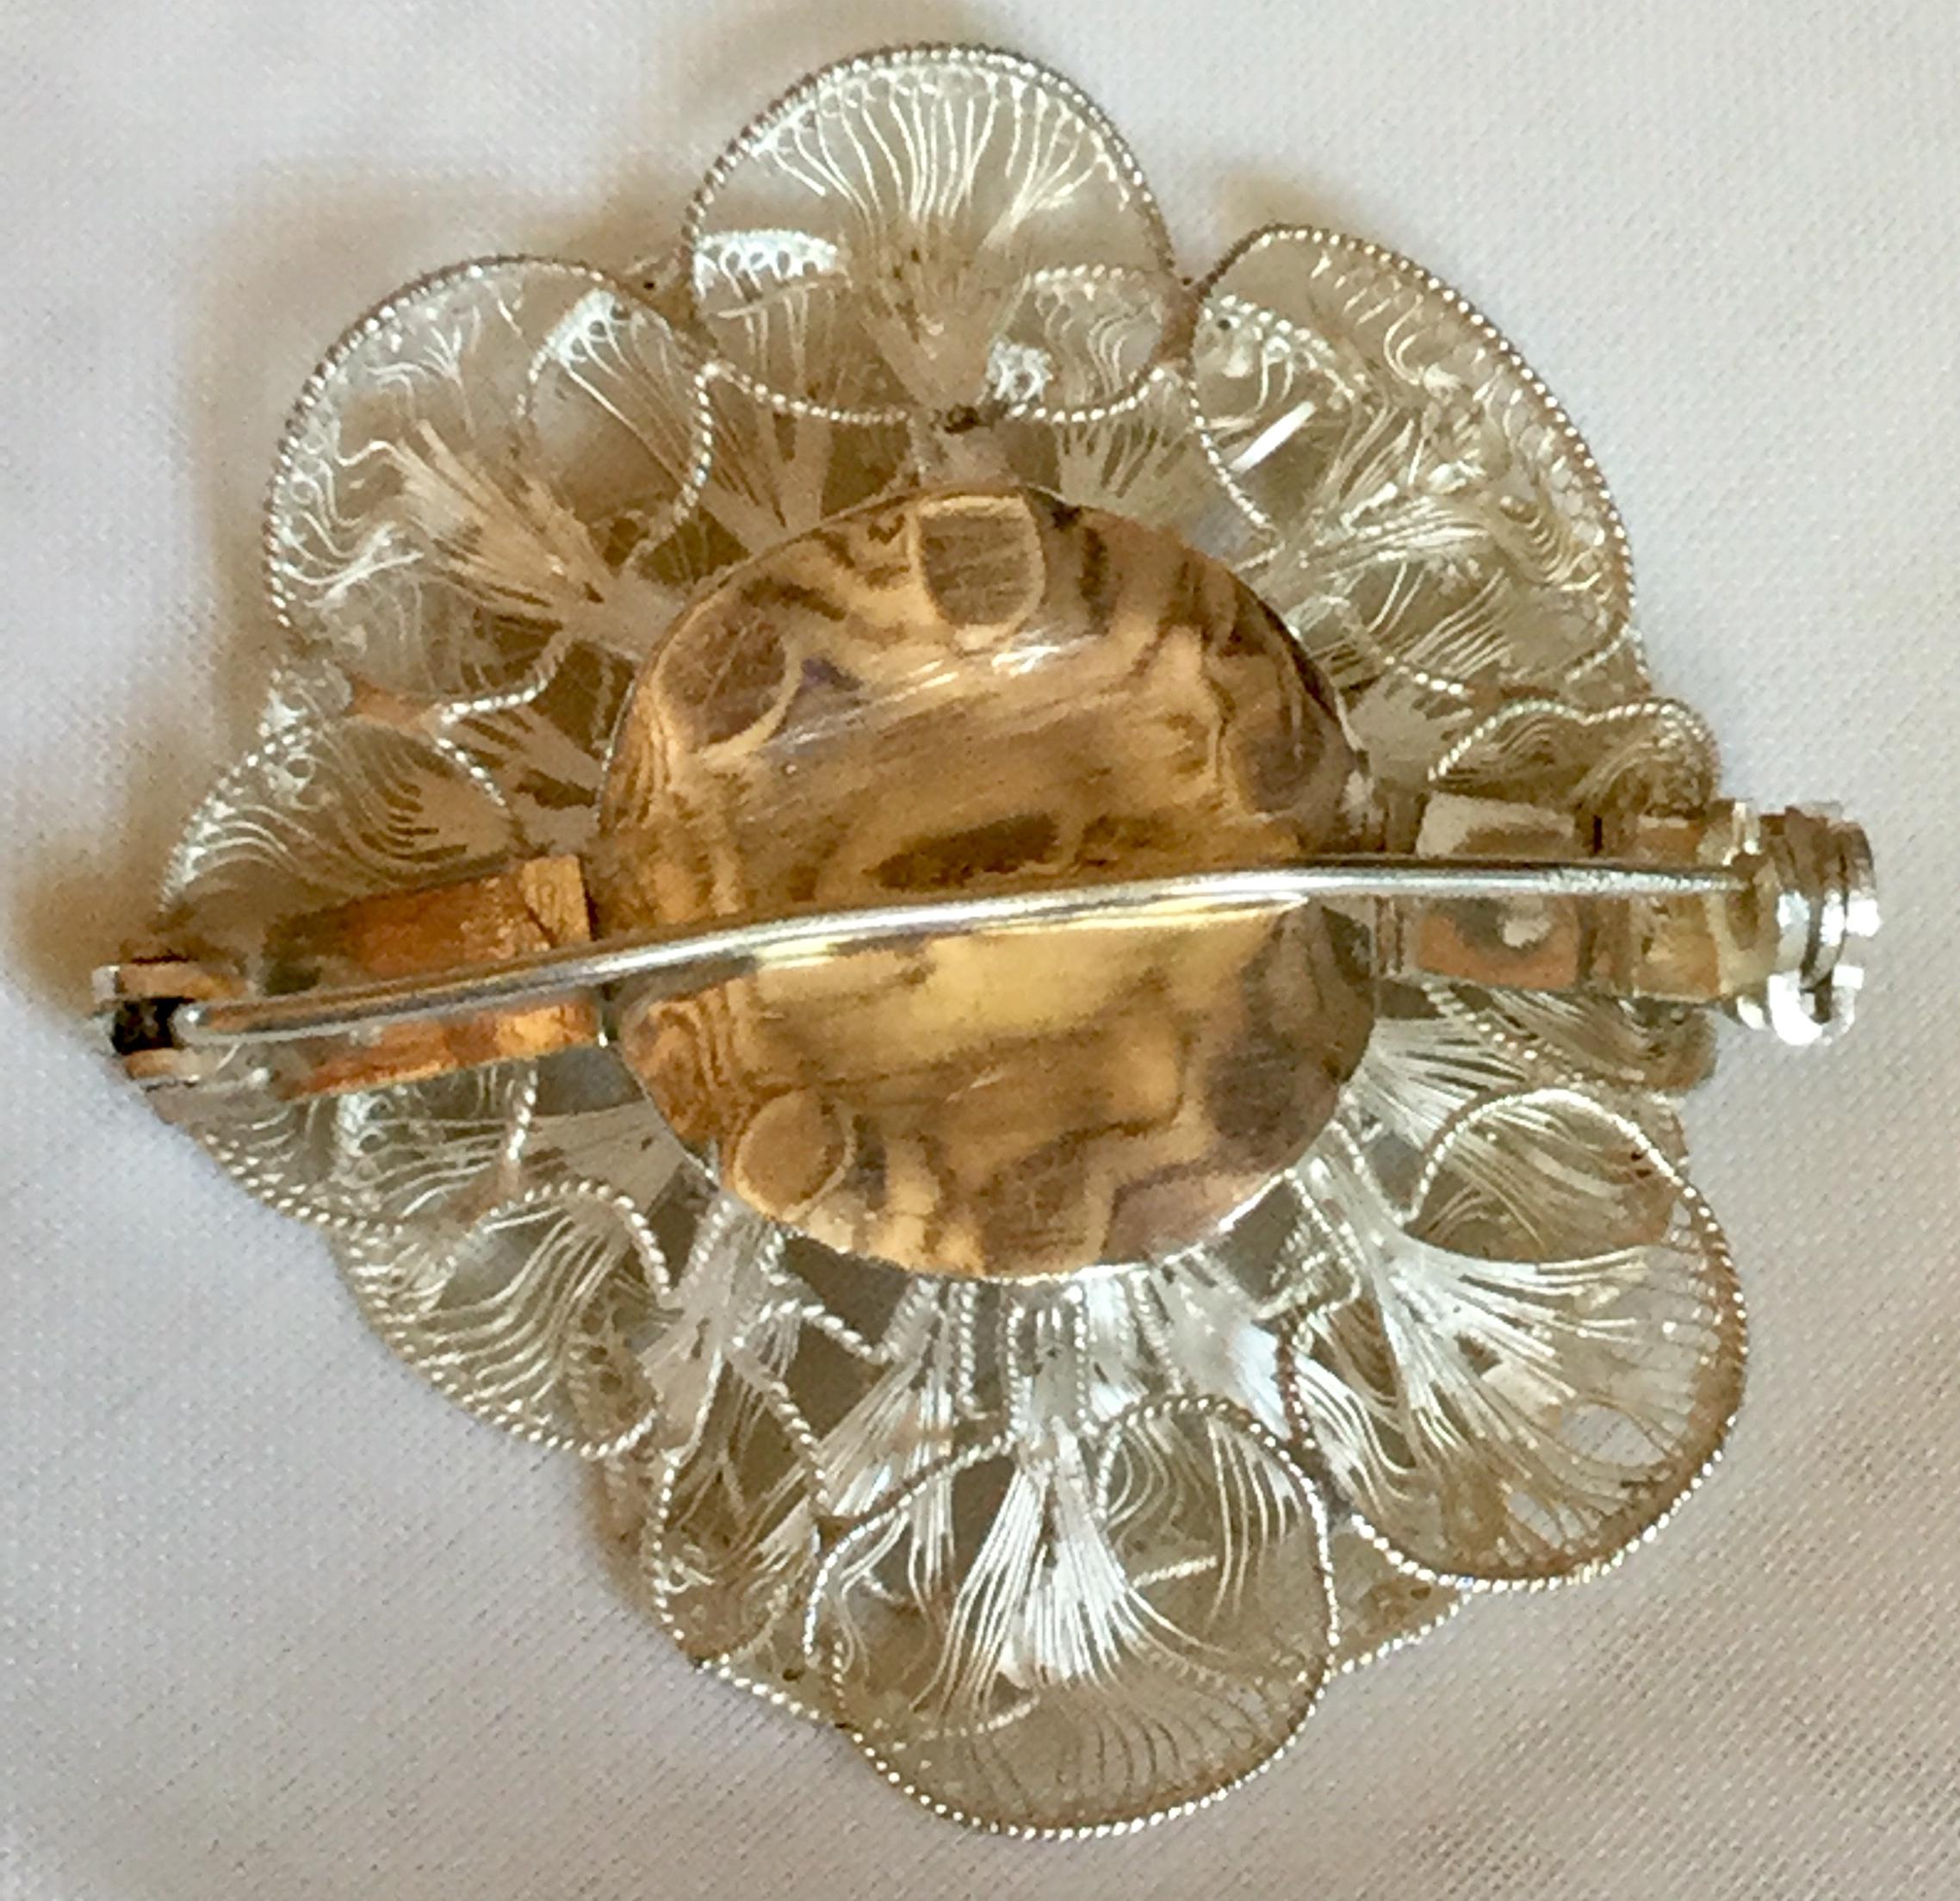 Lot 8 - Exquisite 1920c vintage filagree work Maltese Malta Flower Brooch Silver 9.92 grm